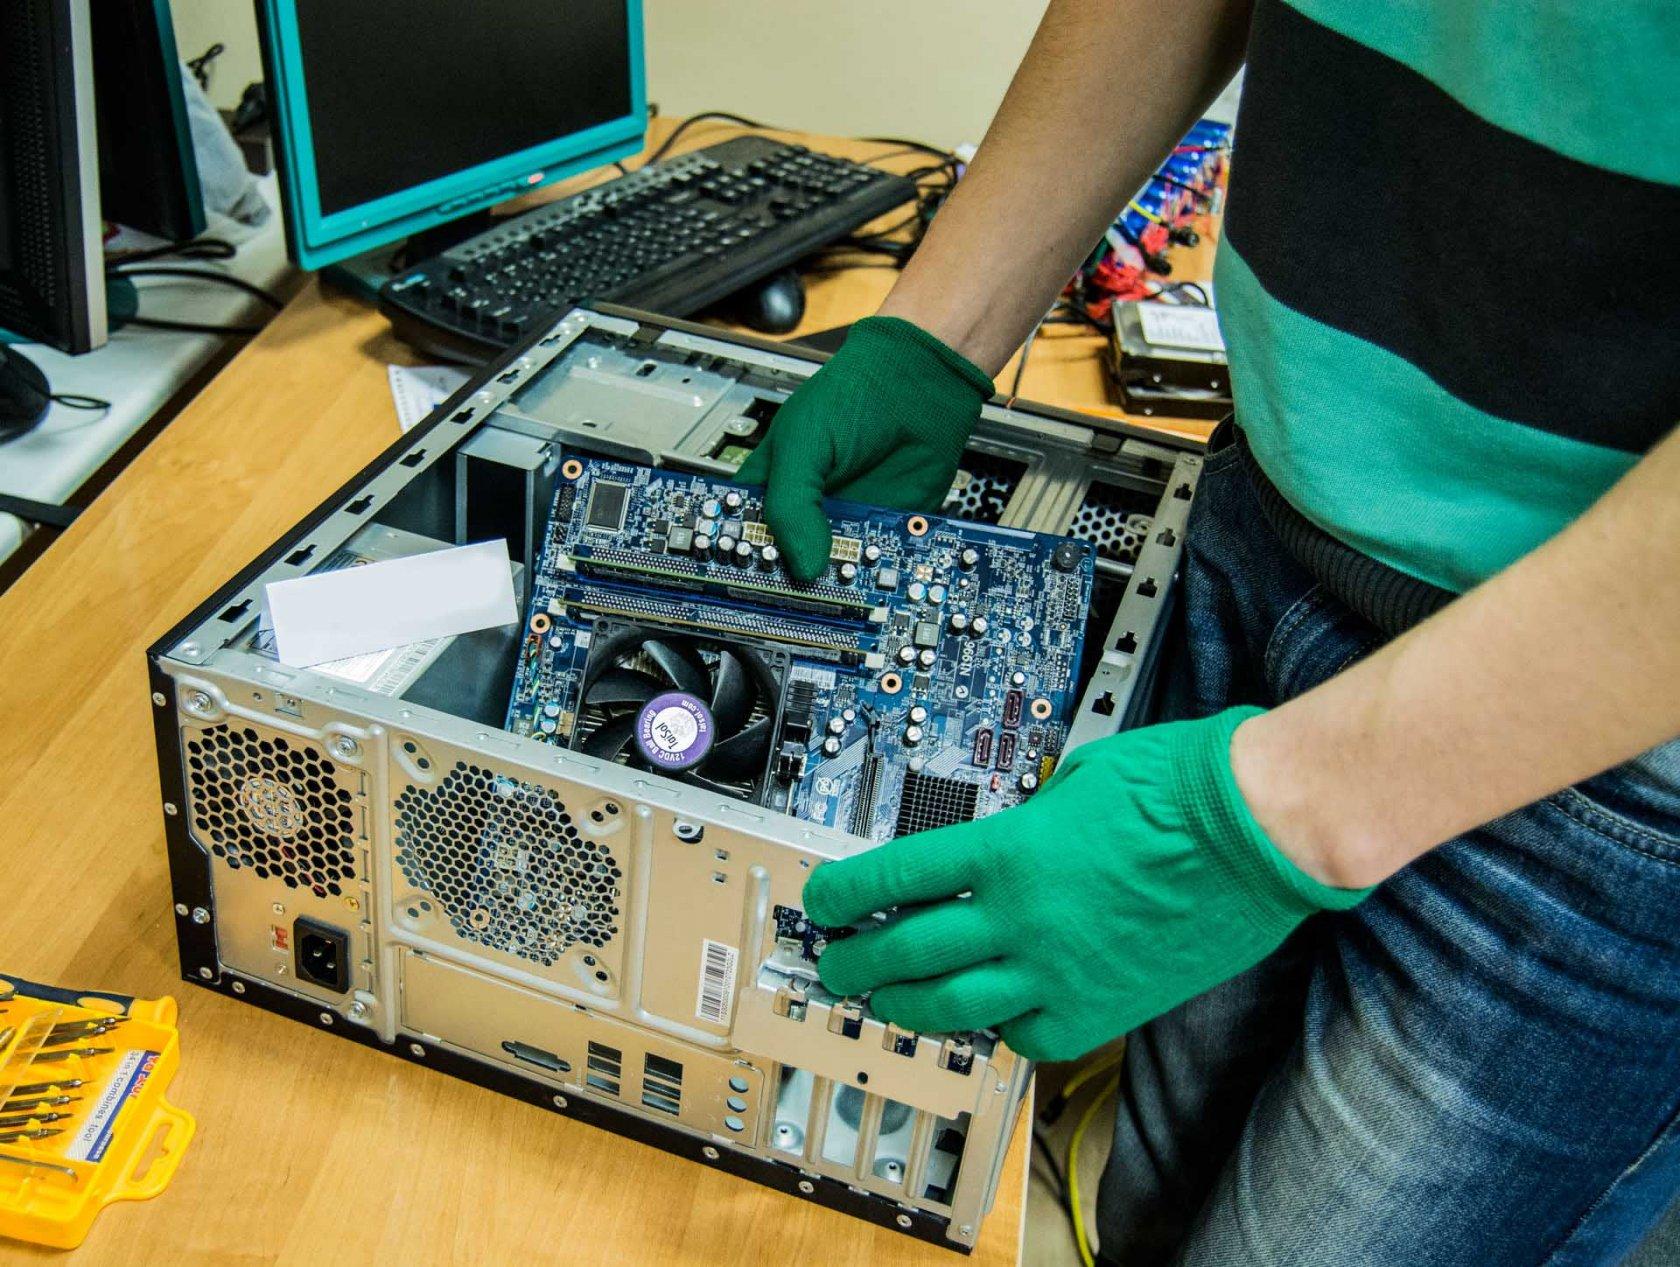 Ремонт компьютеров в новосибирске на дому отзывы